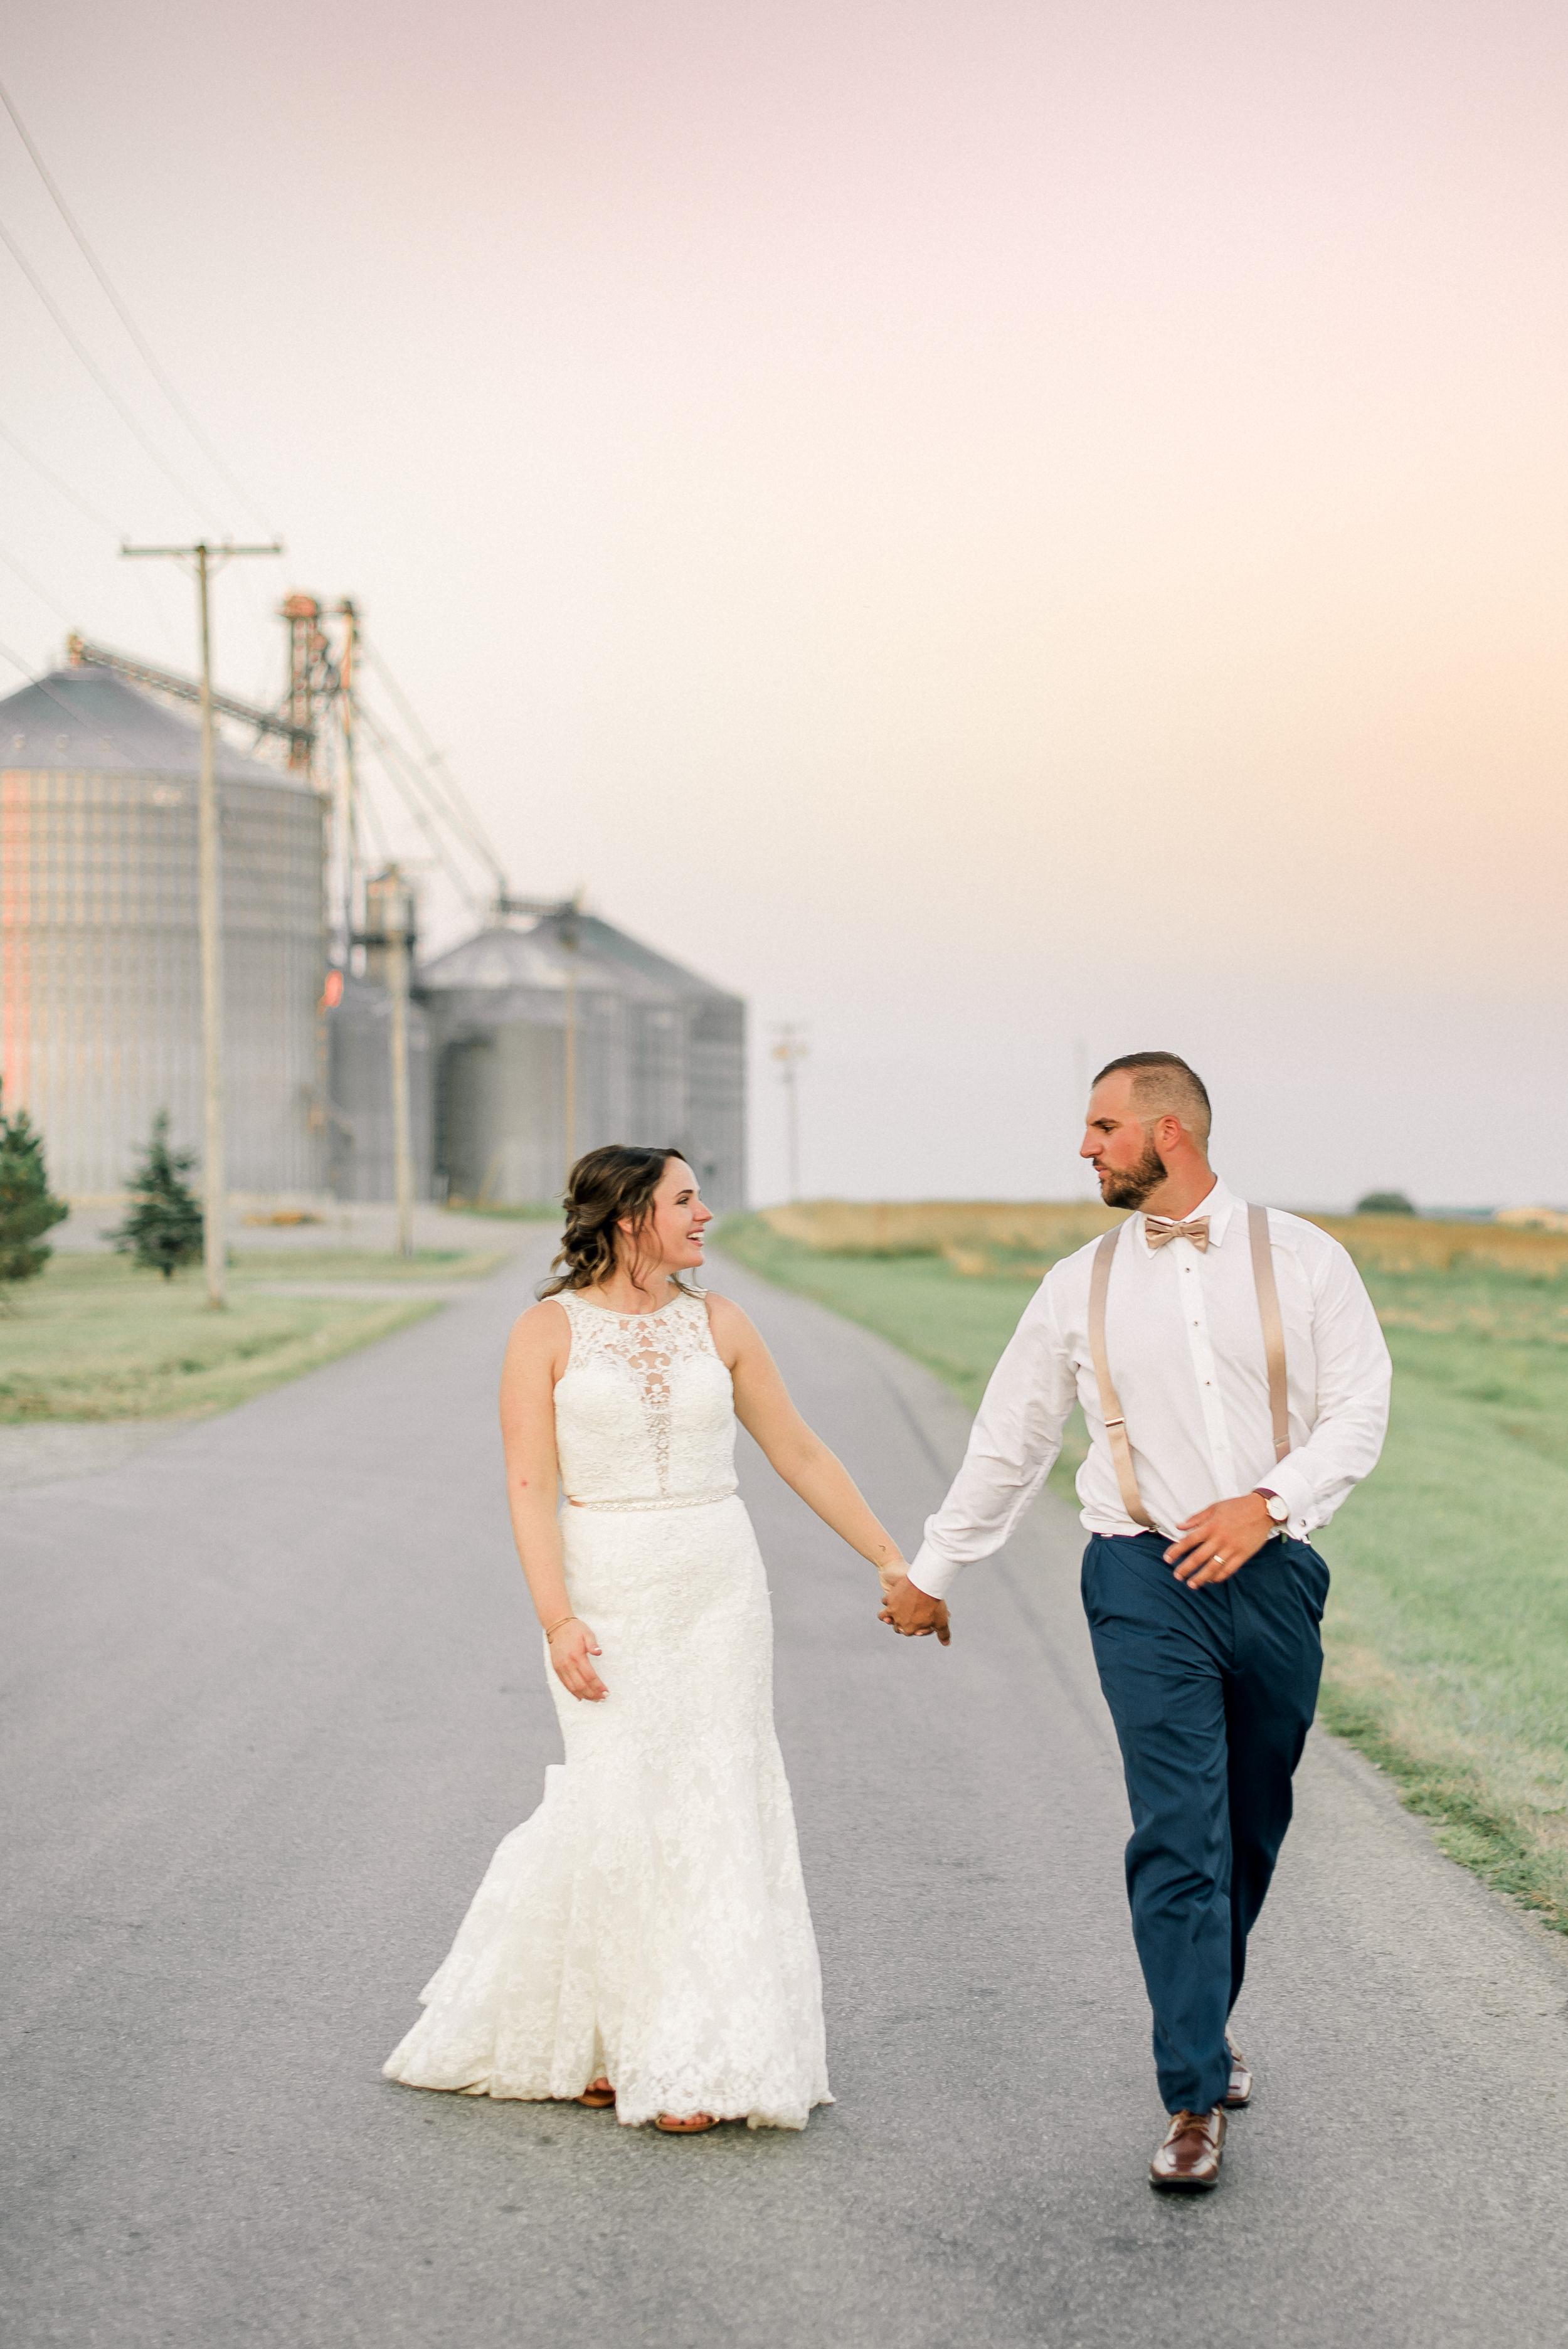 rustic-acres-farm-wedding-33.jpg